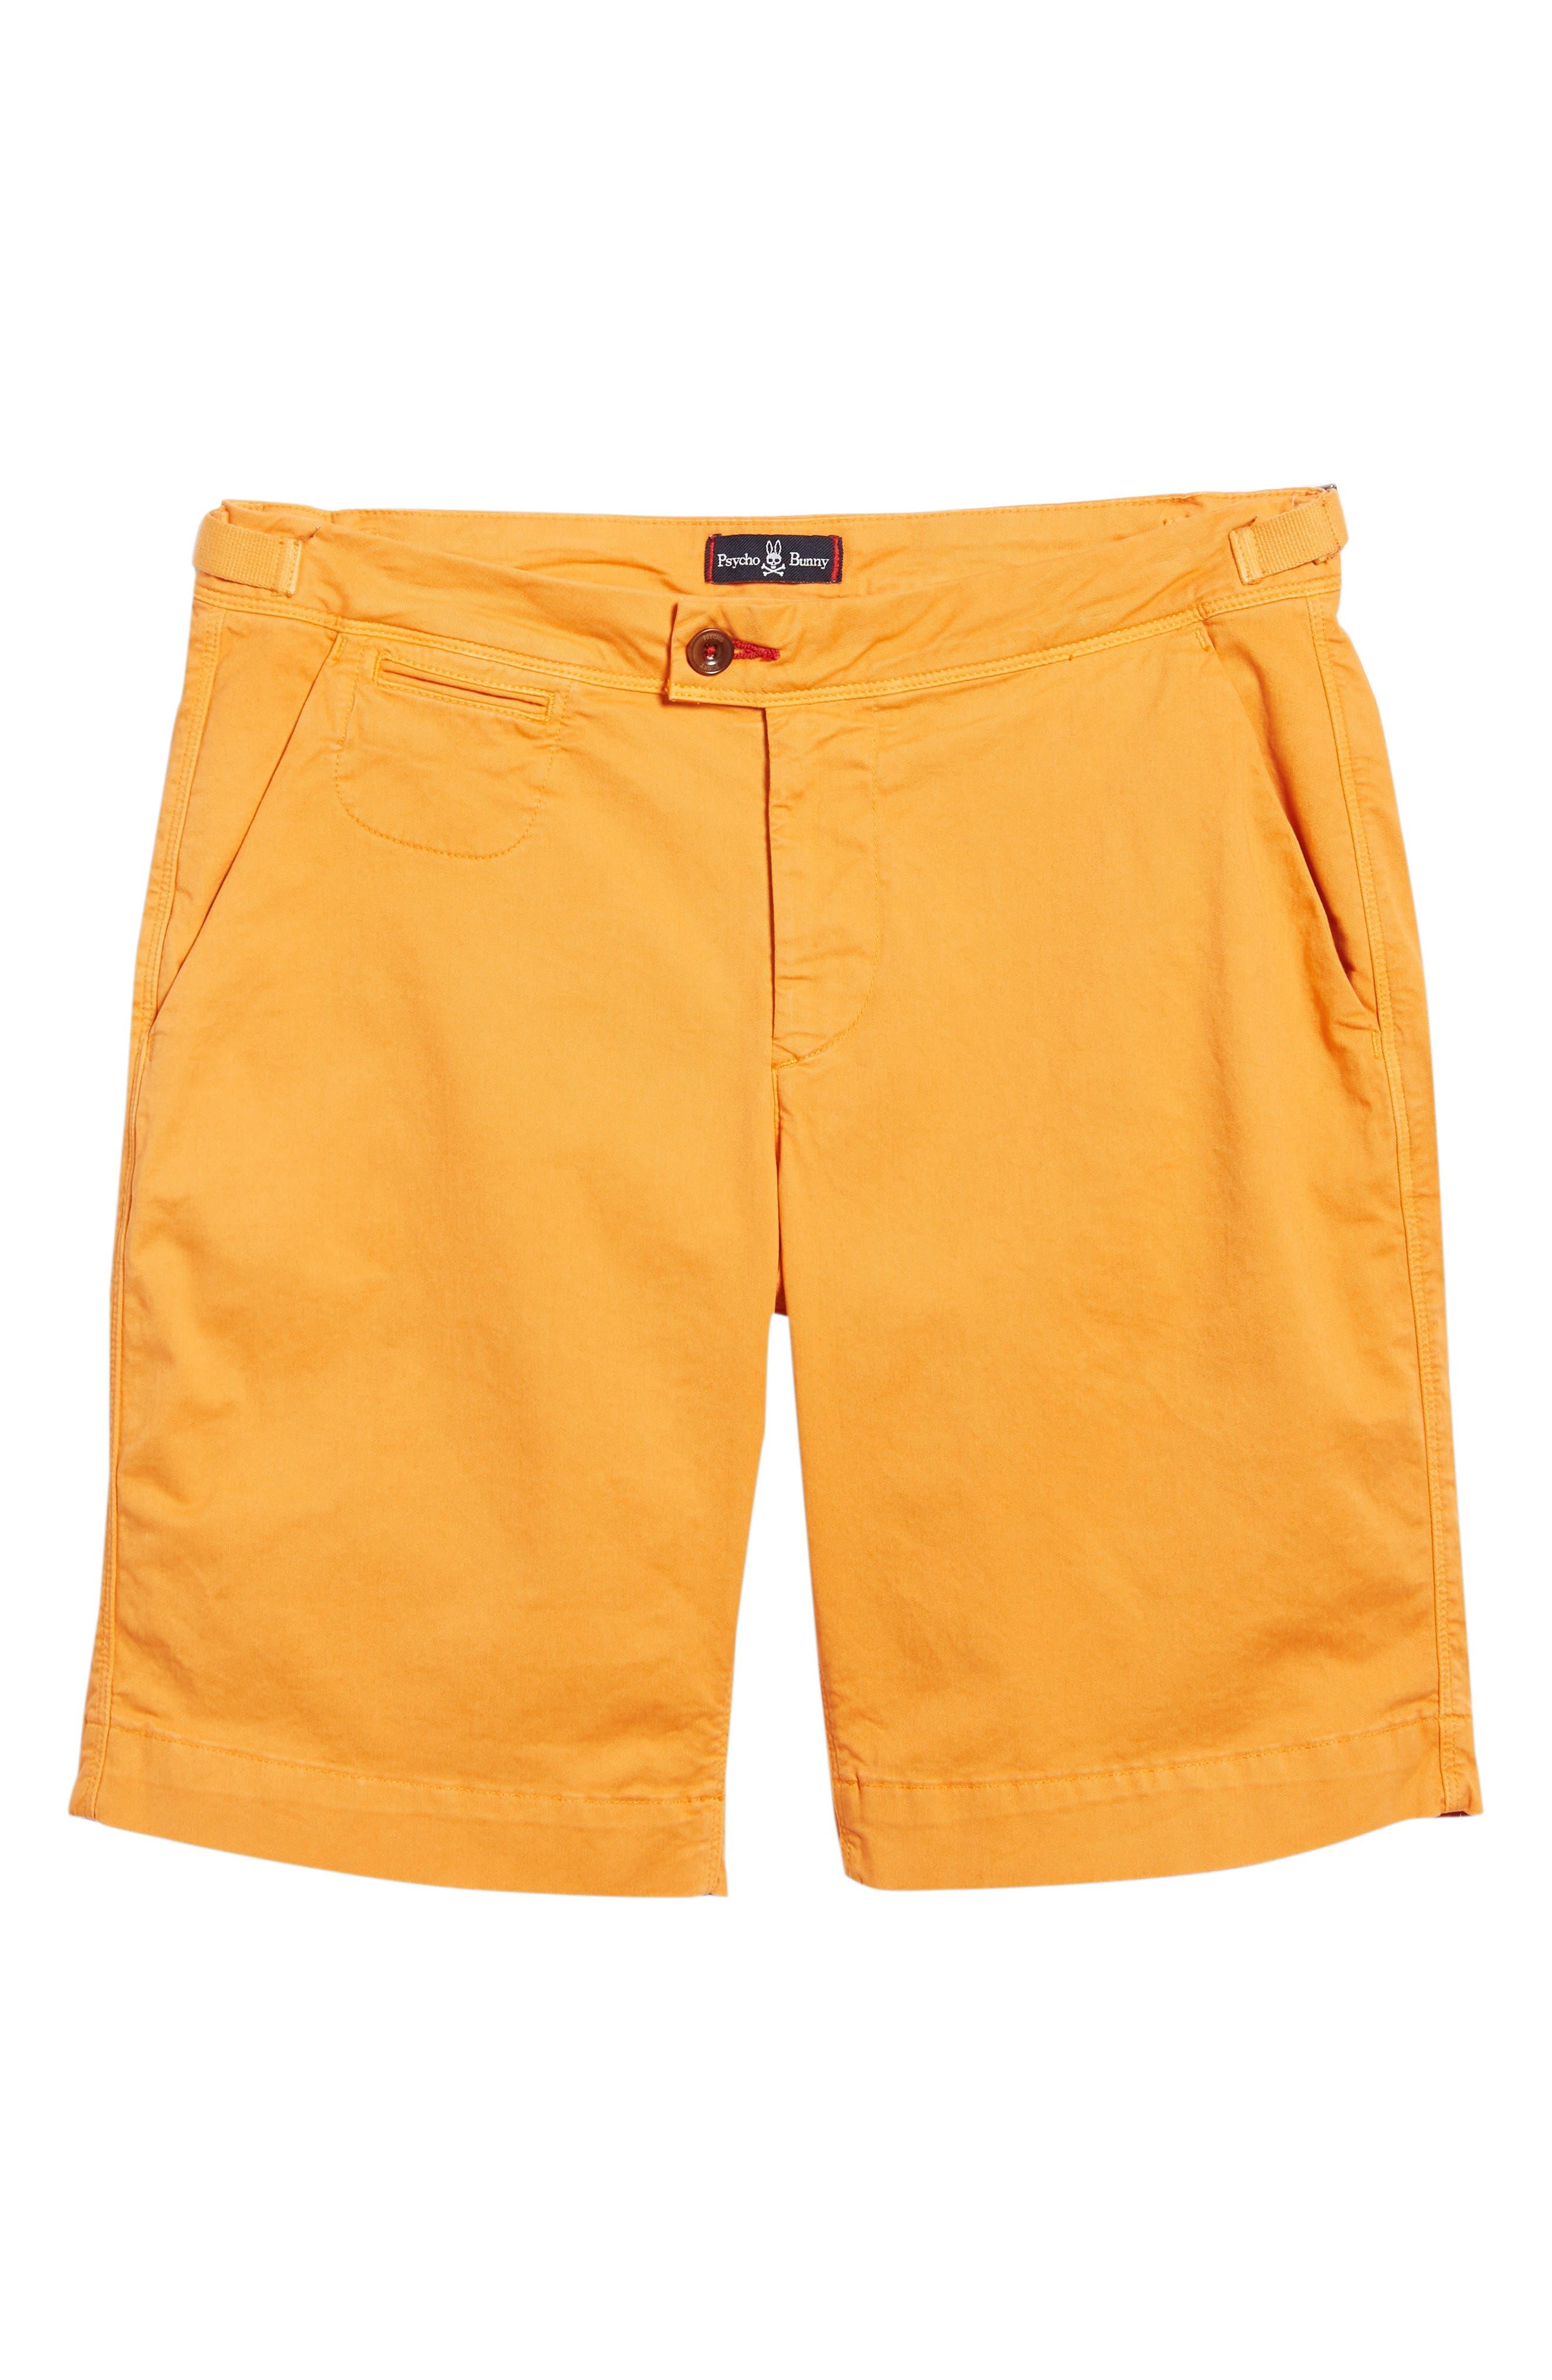 Triumph Shorts,                             Alternate thumbnail 78, color,